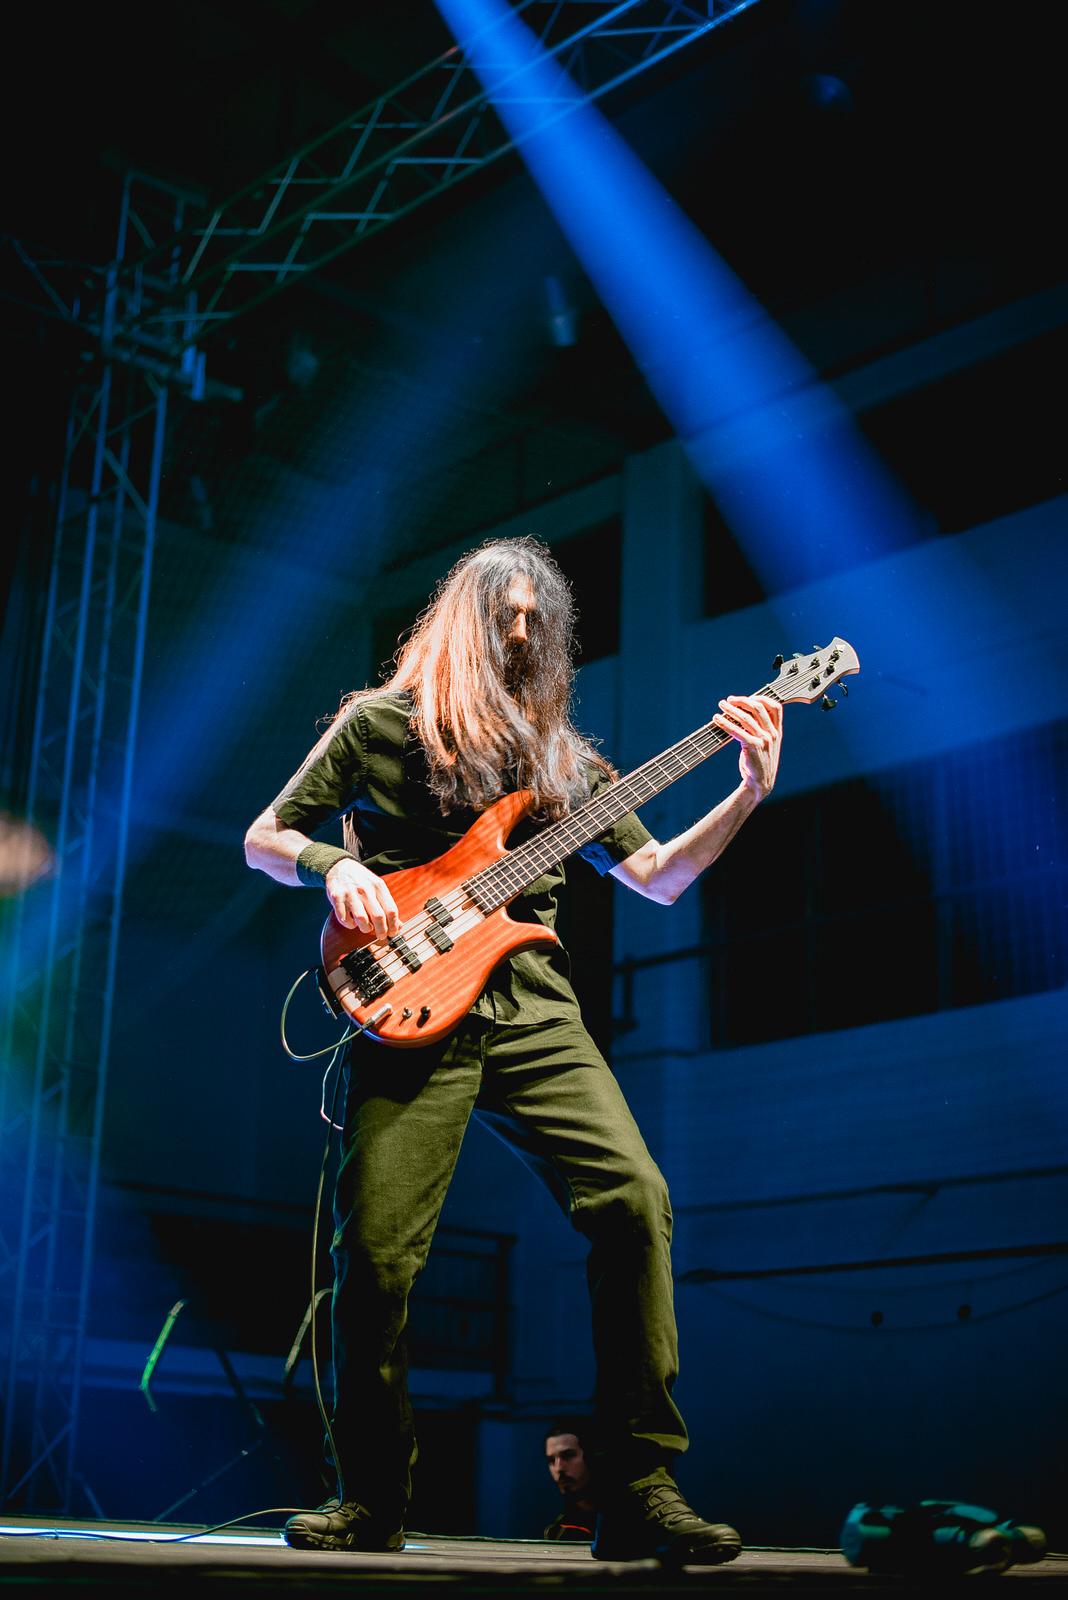 likaclub_gospić_koncert-thompson_2018-22